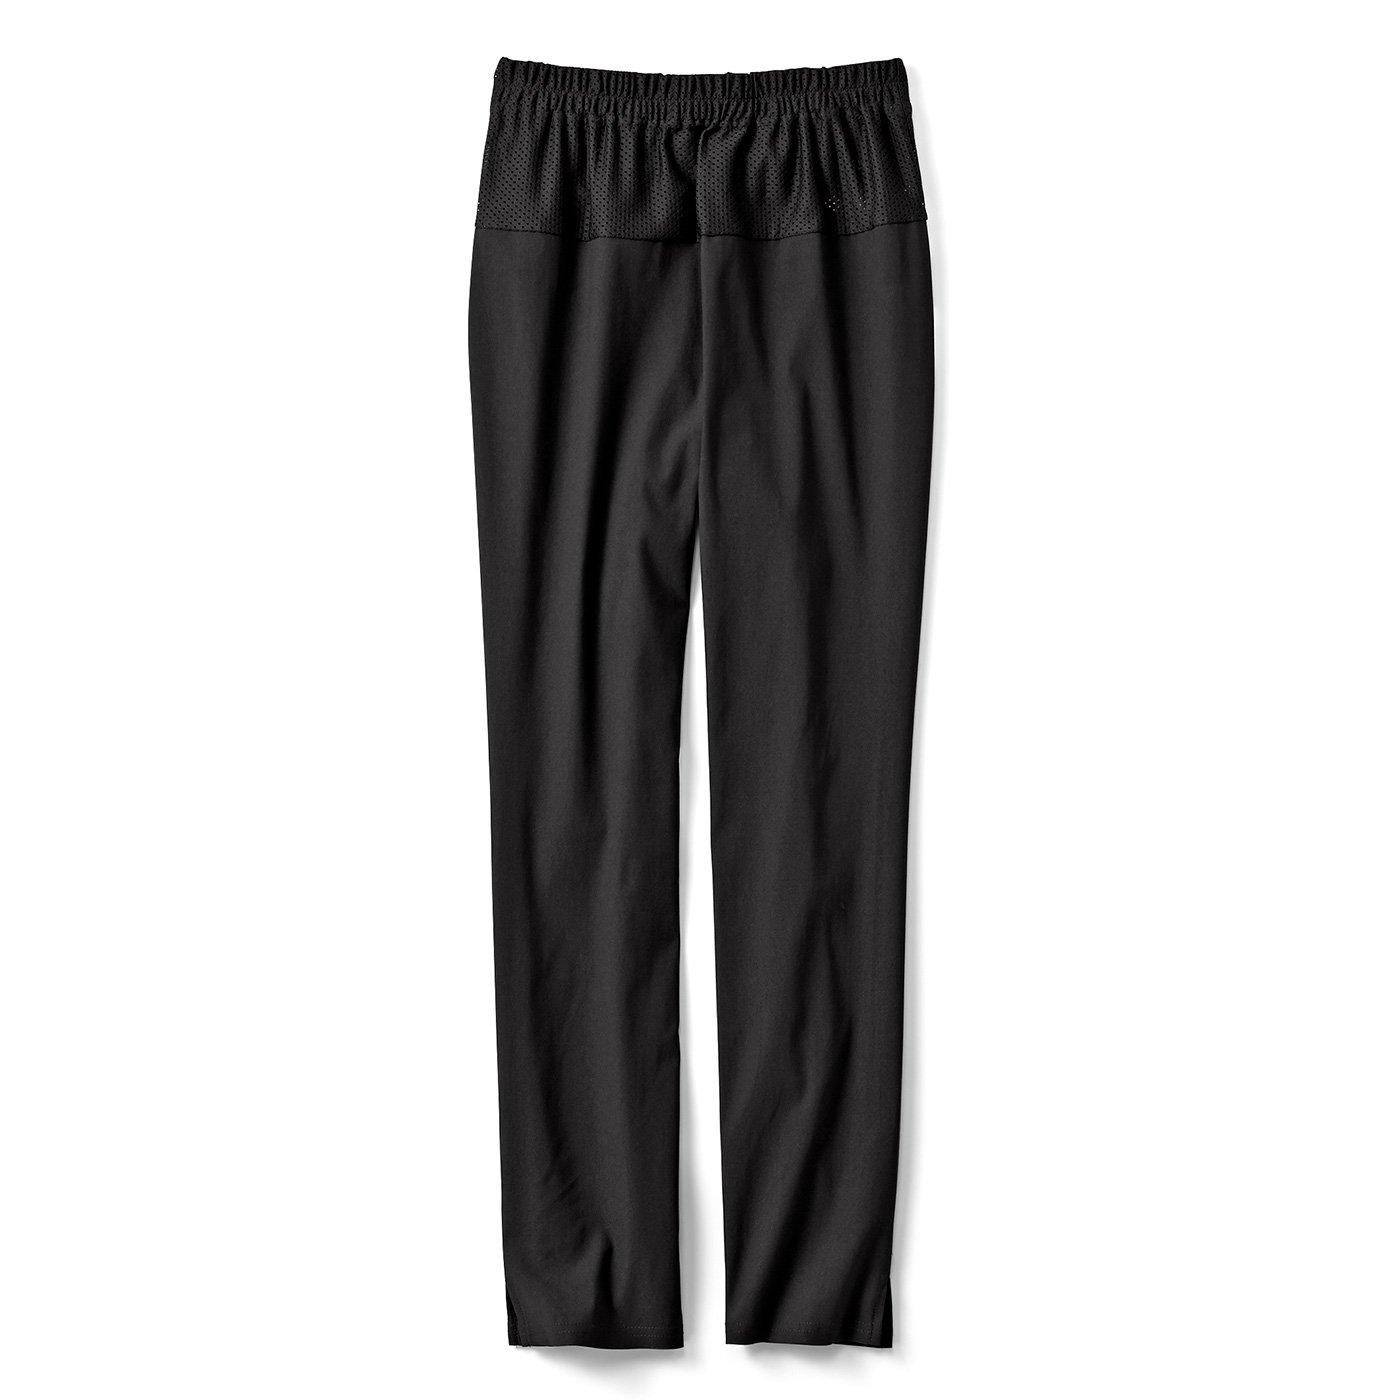 IEDIT[イディット] ウエストメッシュで快適 ストレッチ布はく素材の美脚レギンスパンツ〈ブラック〉